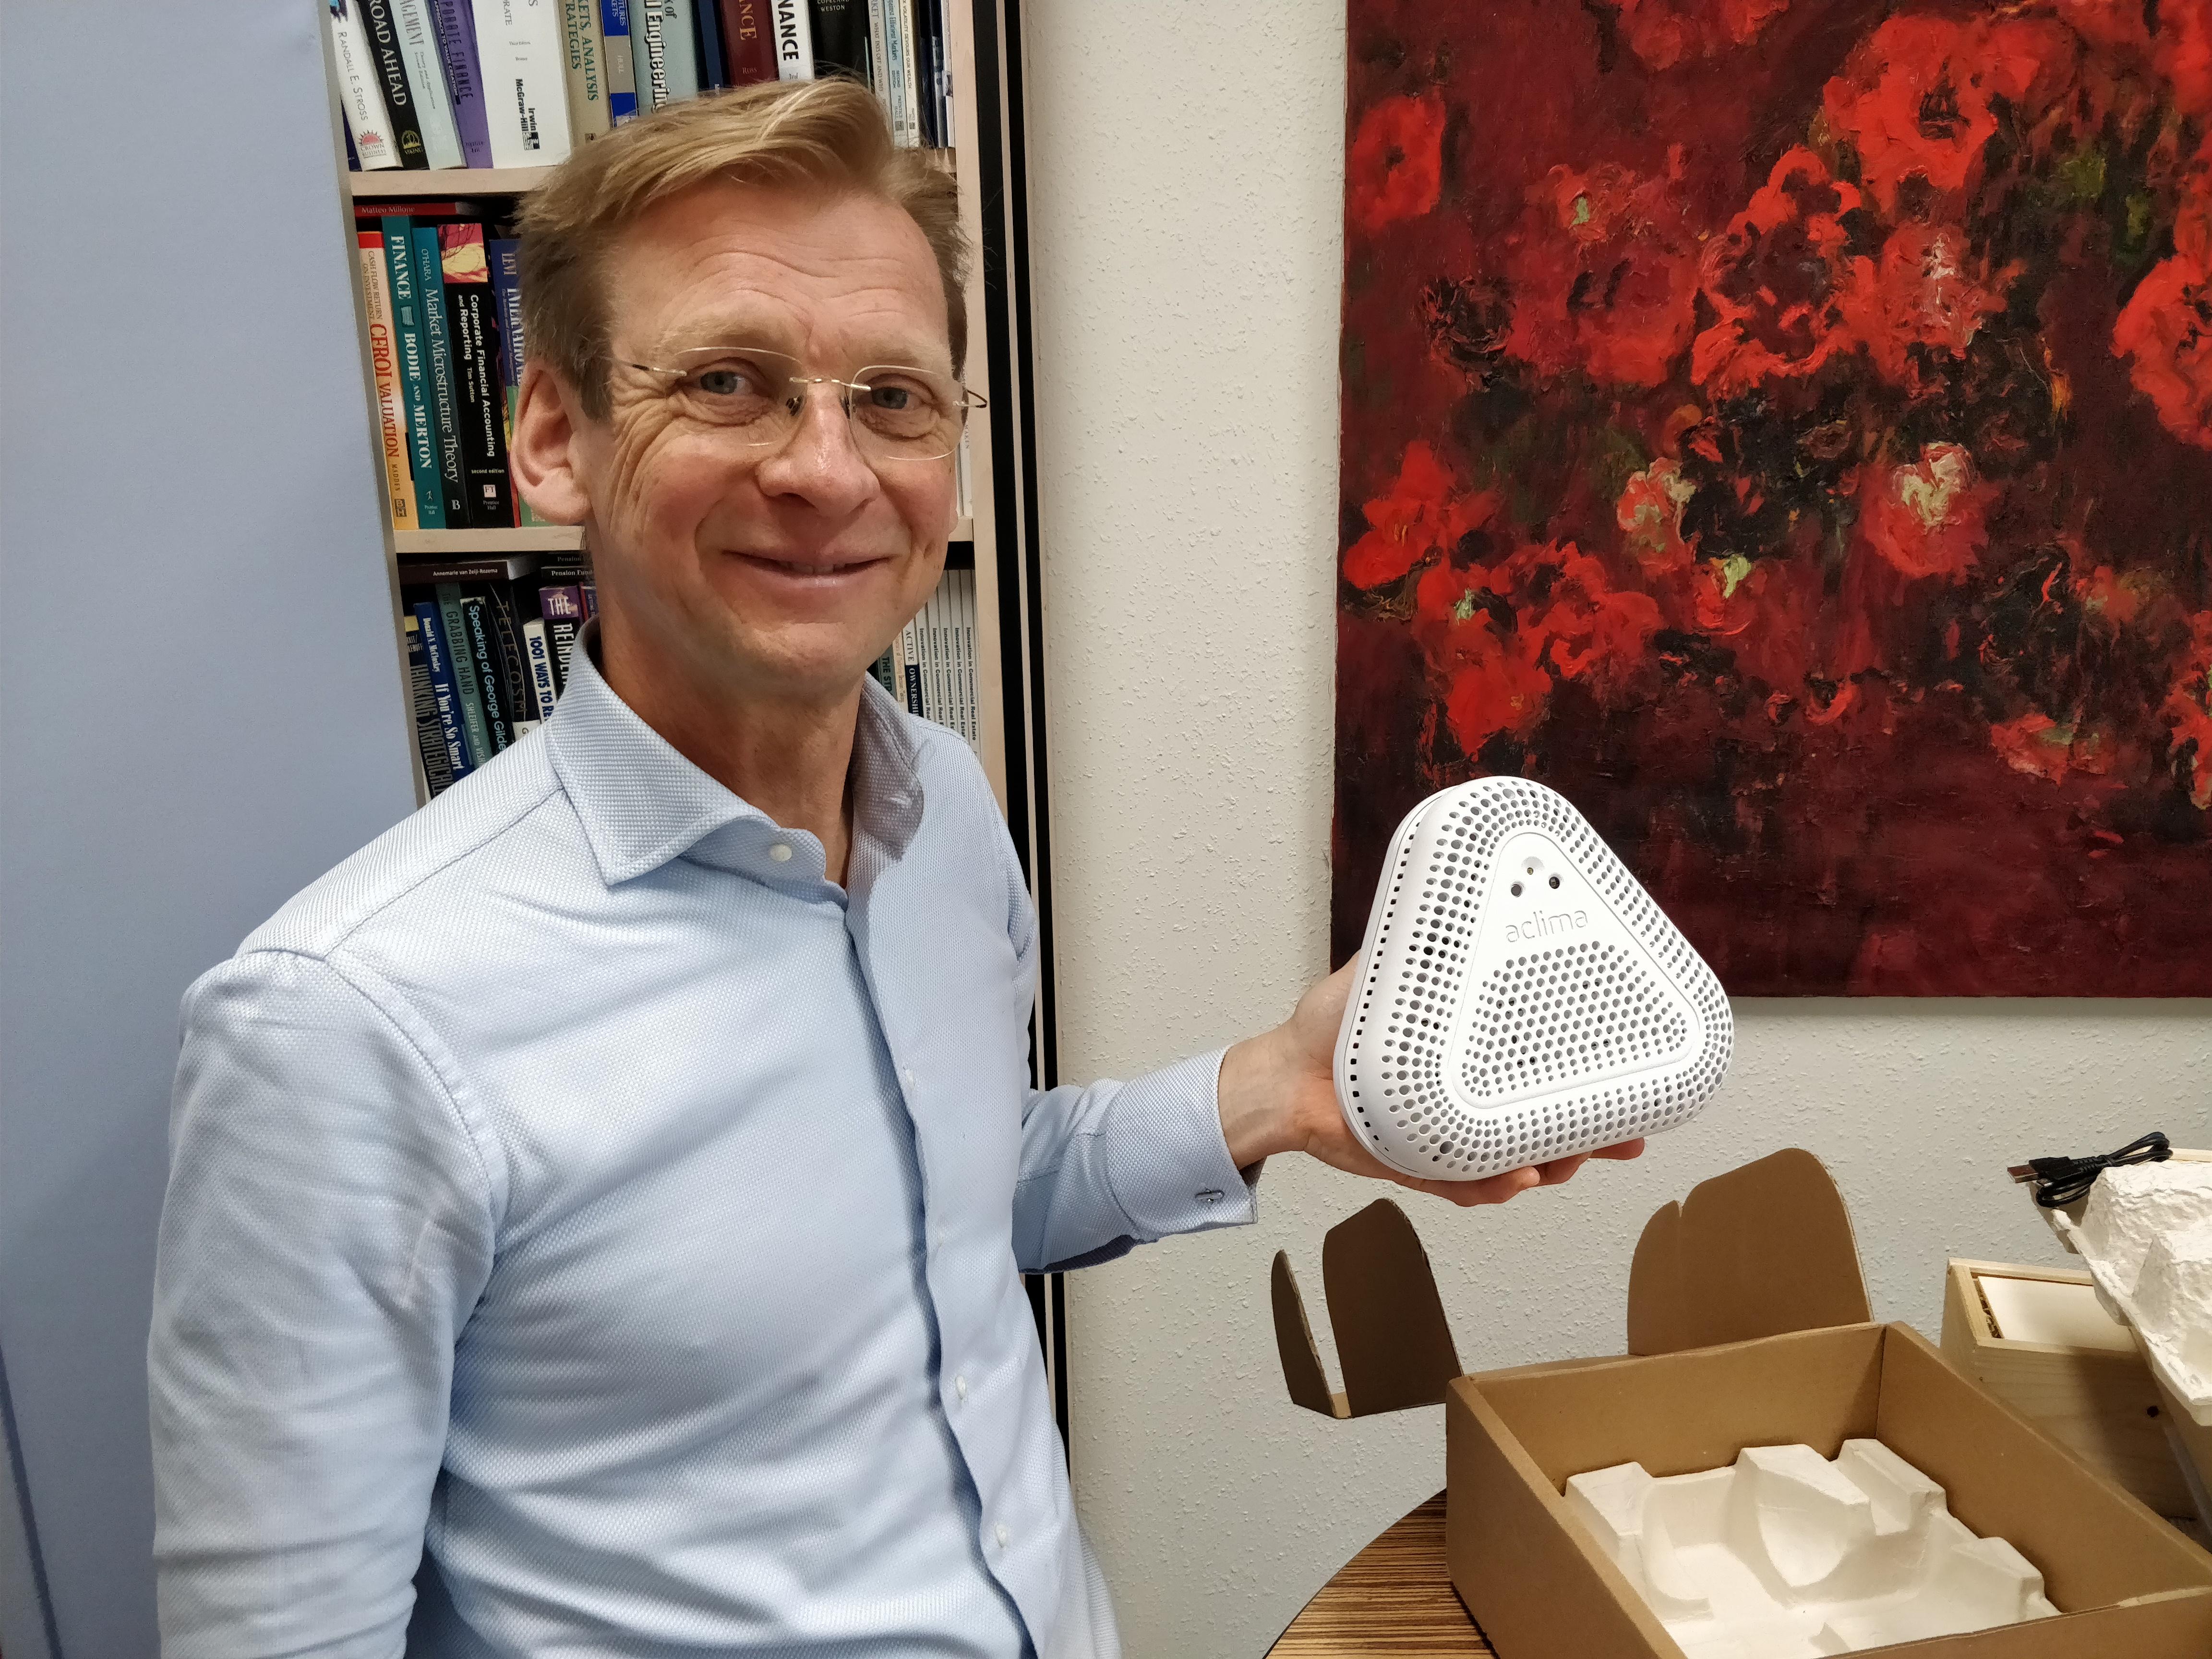 """Piet Eichholtz toont de Aclima, dat bij scholen het binnenklimaat meet. """"Een fly on the wall"""", zegt hij."""